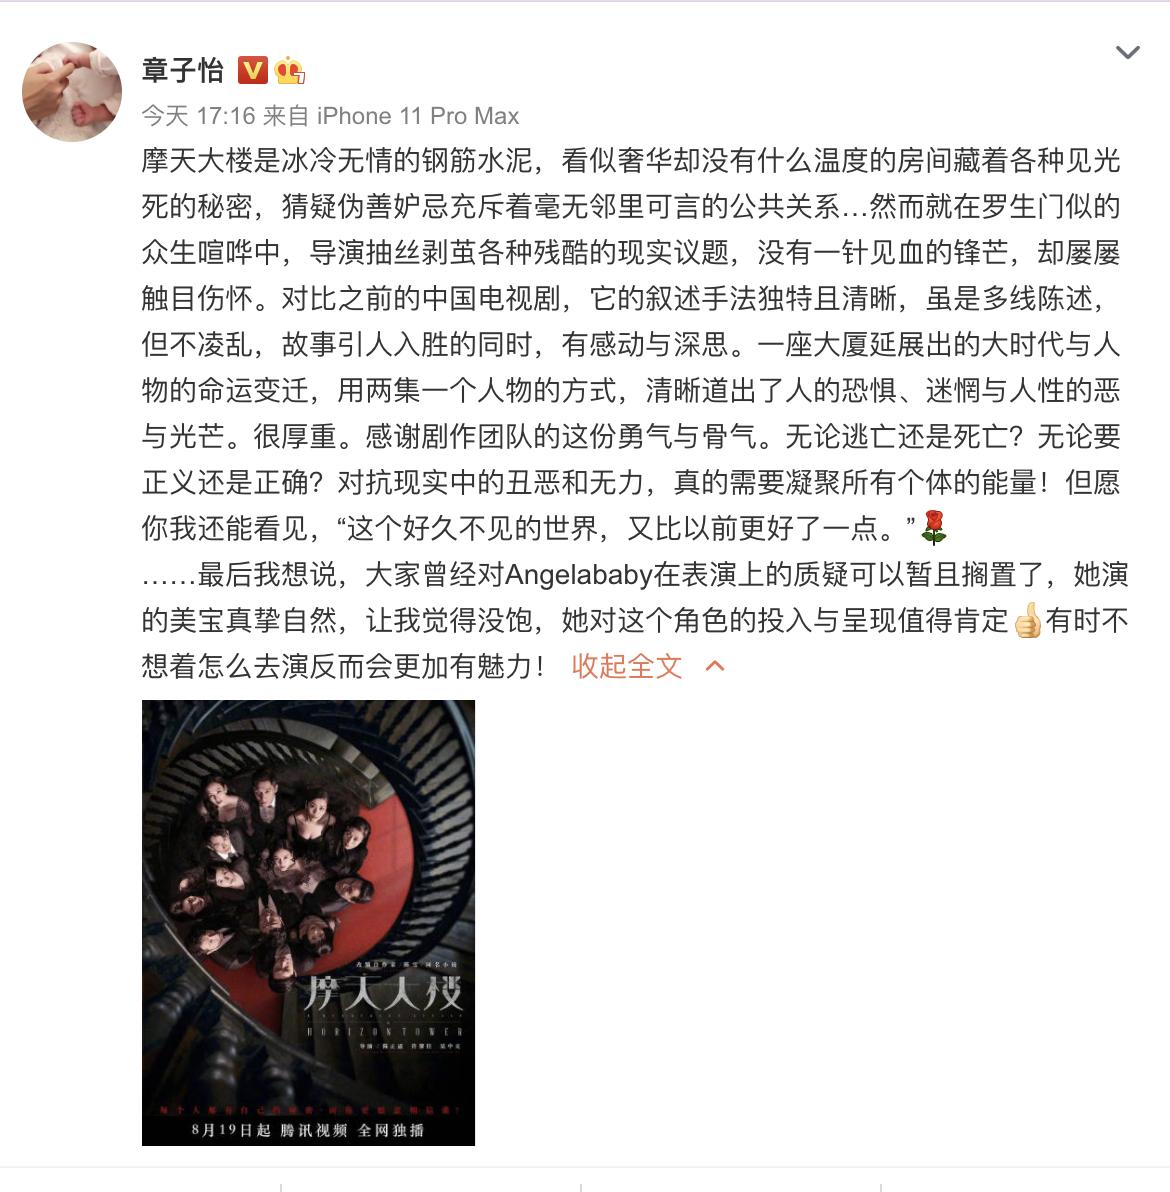 章子怡微博发长文赞Angelababy演技